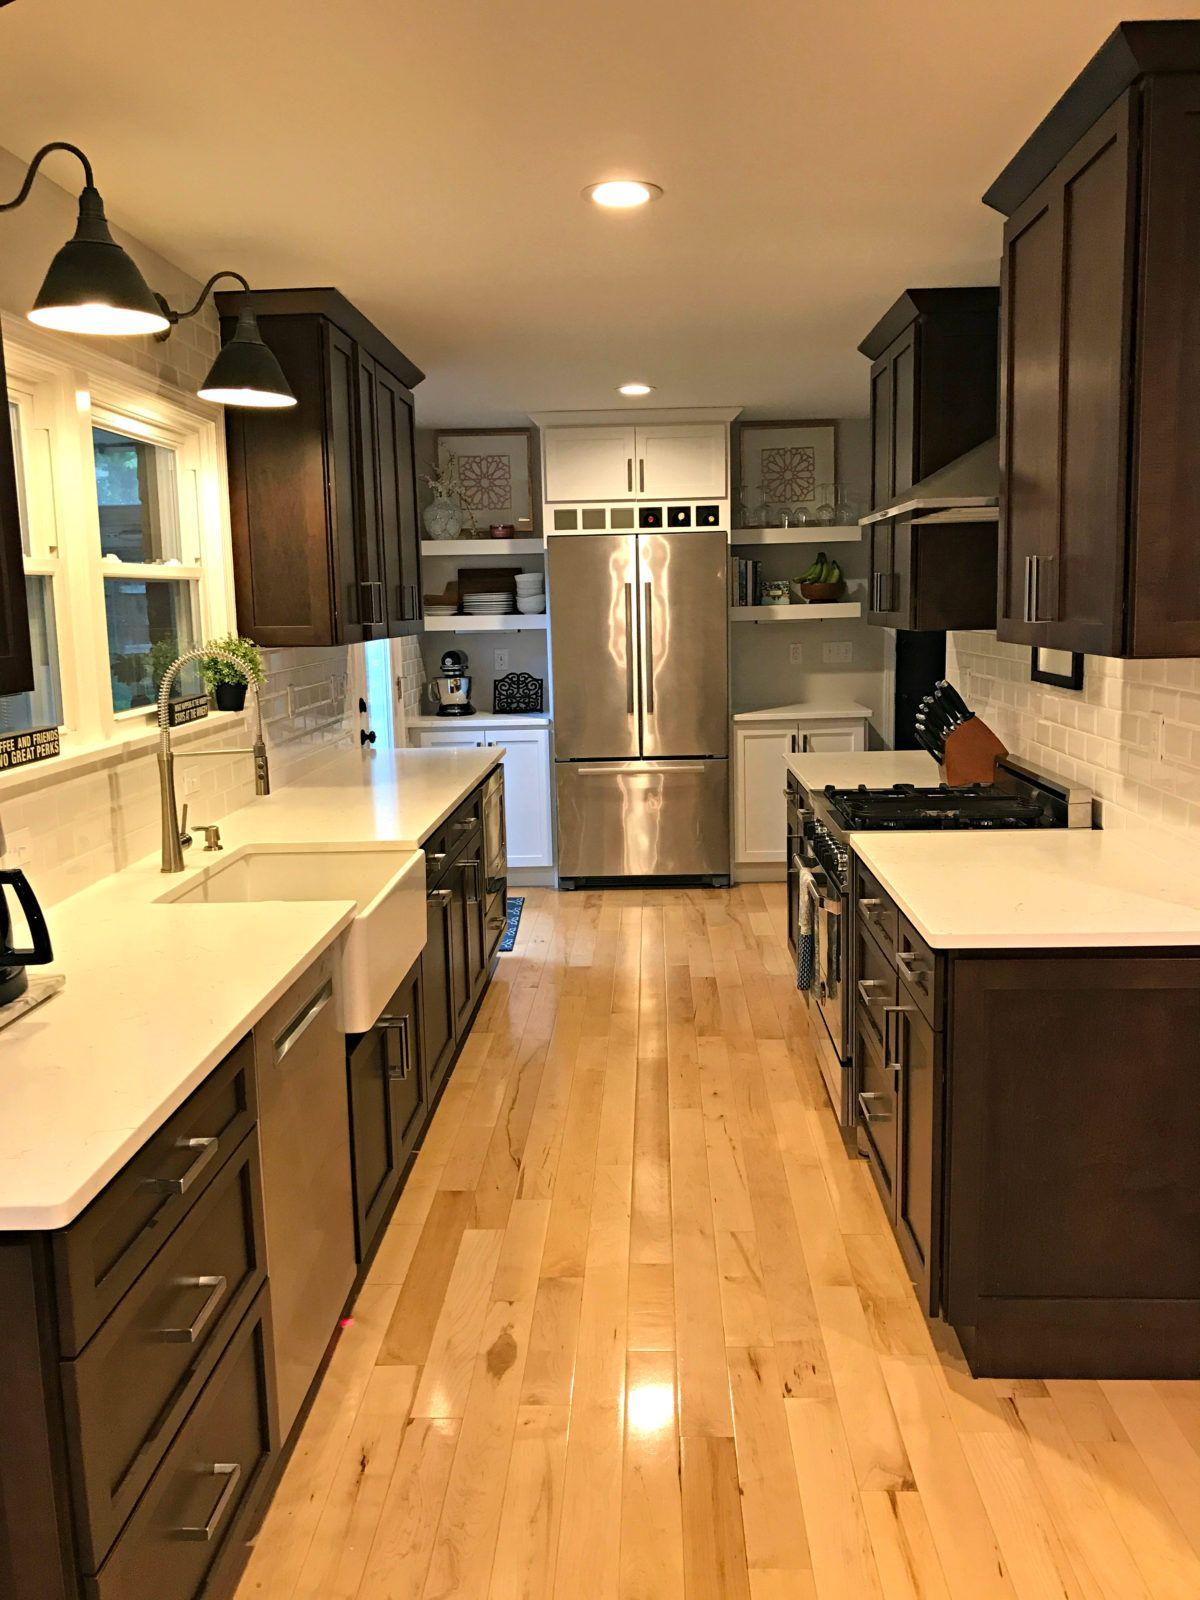 Galley Kitchen Renovation Galley Kitchens Kitchens And Kitchen - Remodeling a galley kitchen